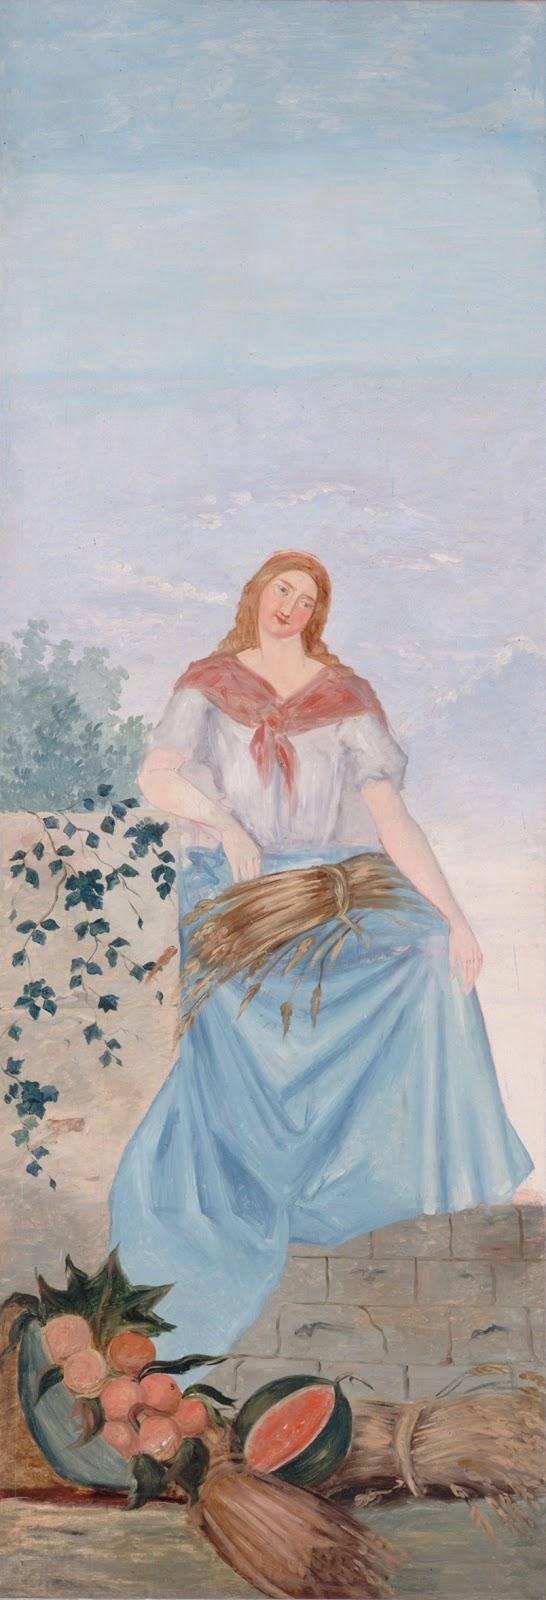 Paul Cézanne ~ The Four Seasons -Summer, 1861